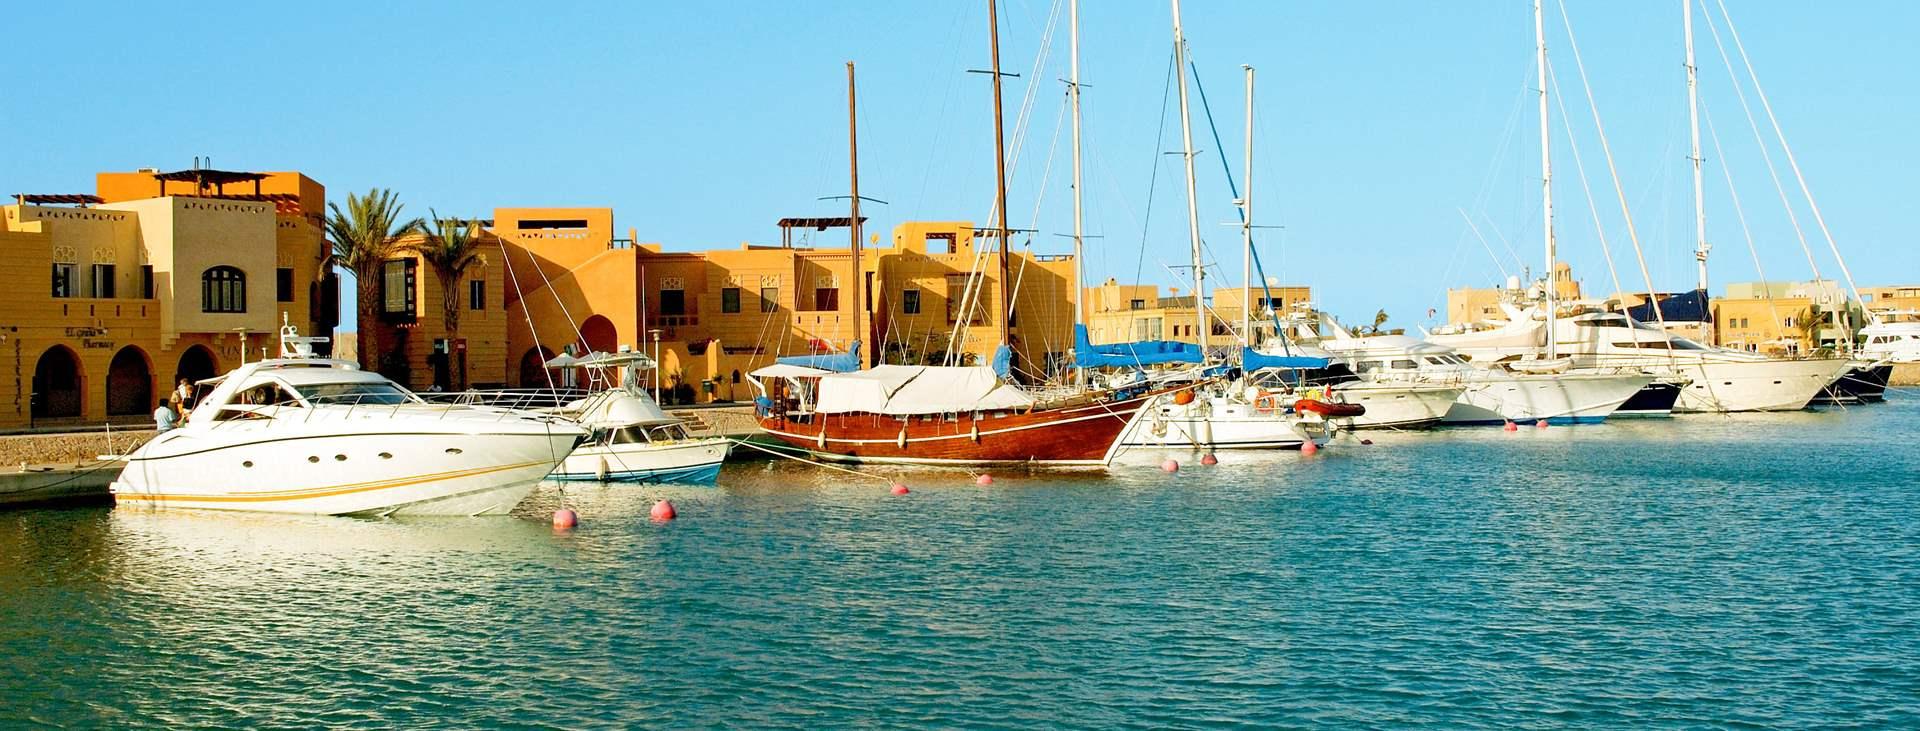 Golfaa Egyptissä - Varaa matka El Gounaan